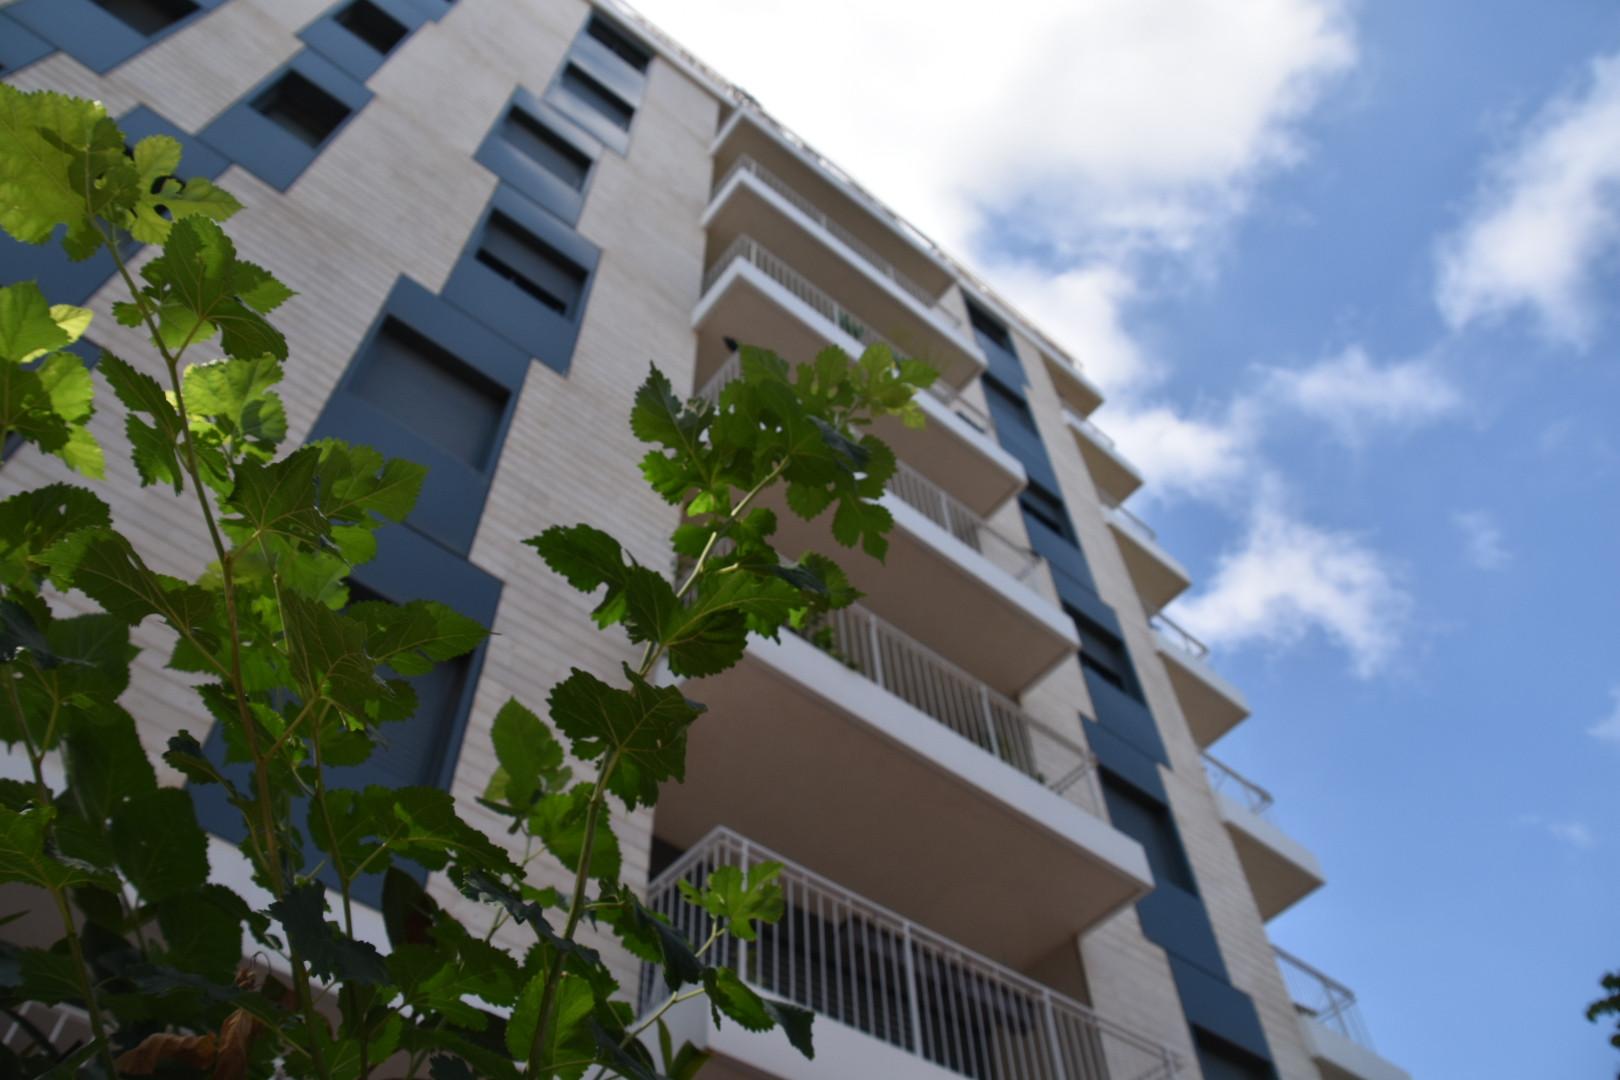 בית פיקס - ניהול ואחזקת מבנים 2